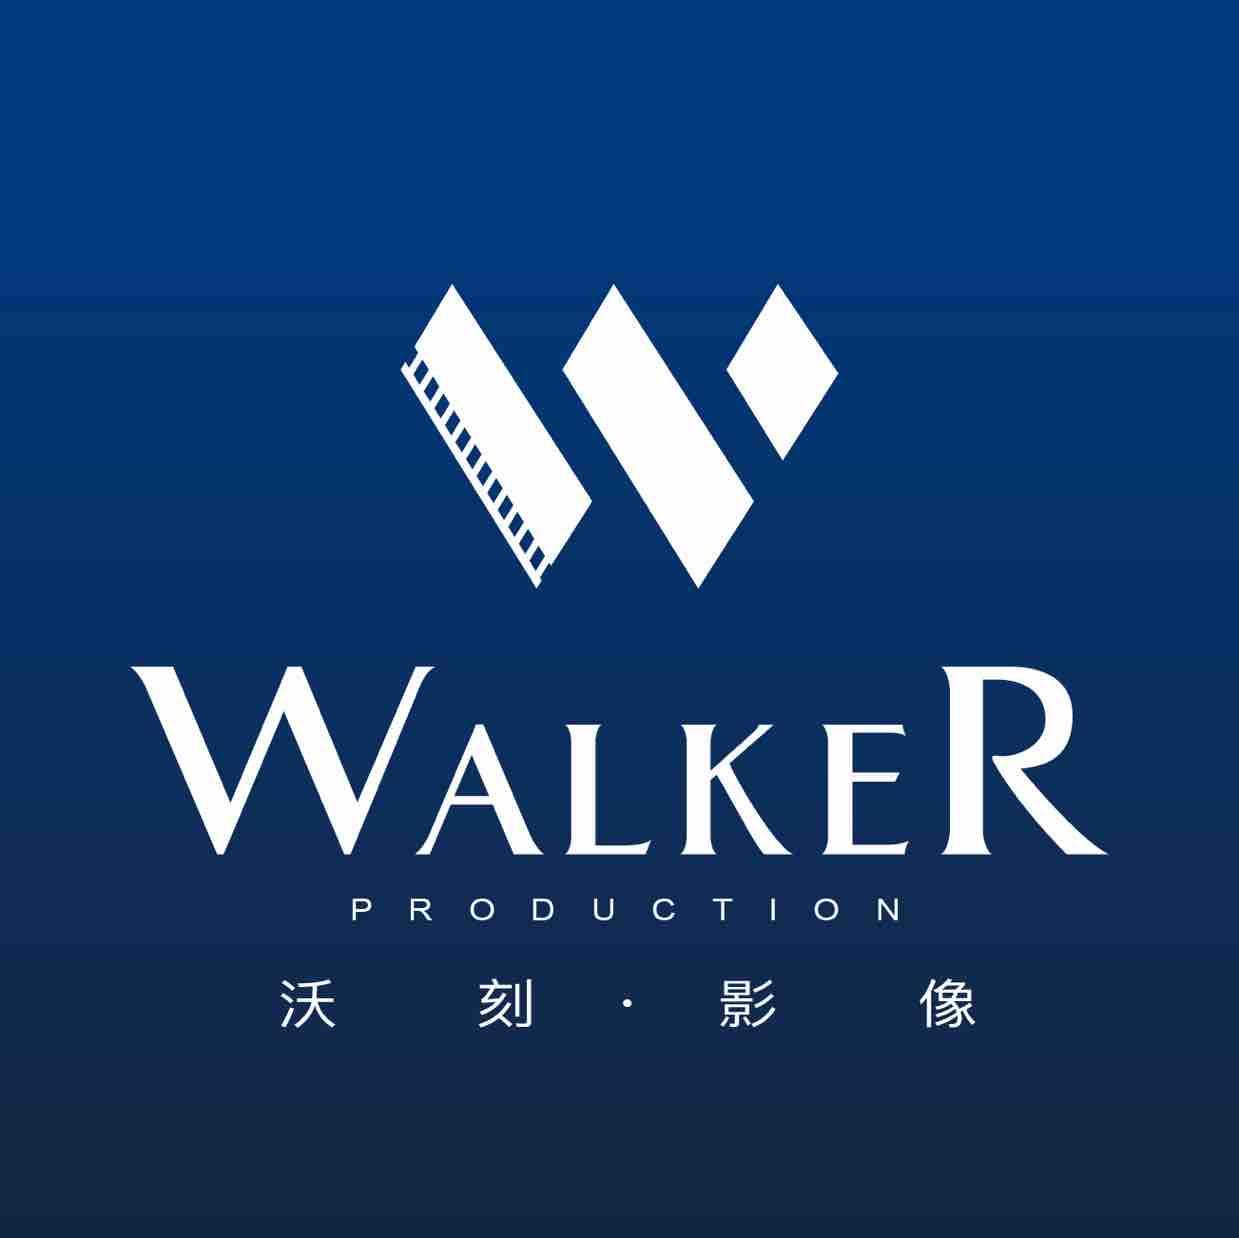 Walker-沃刻影像